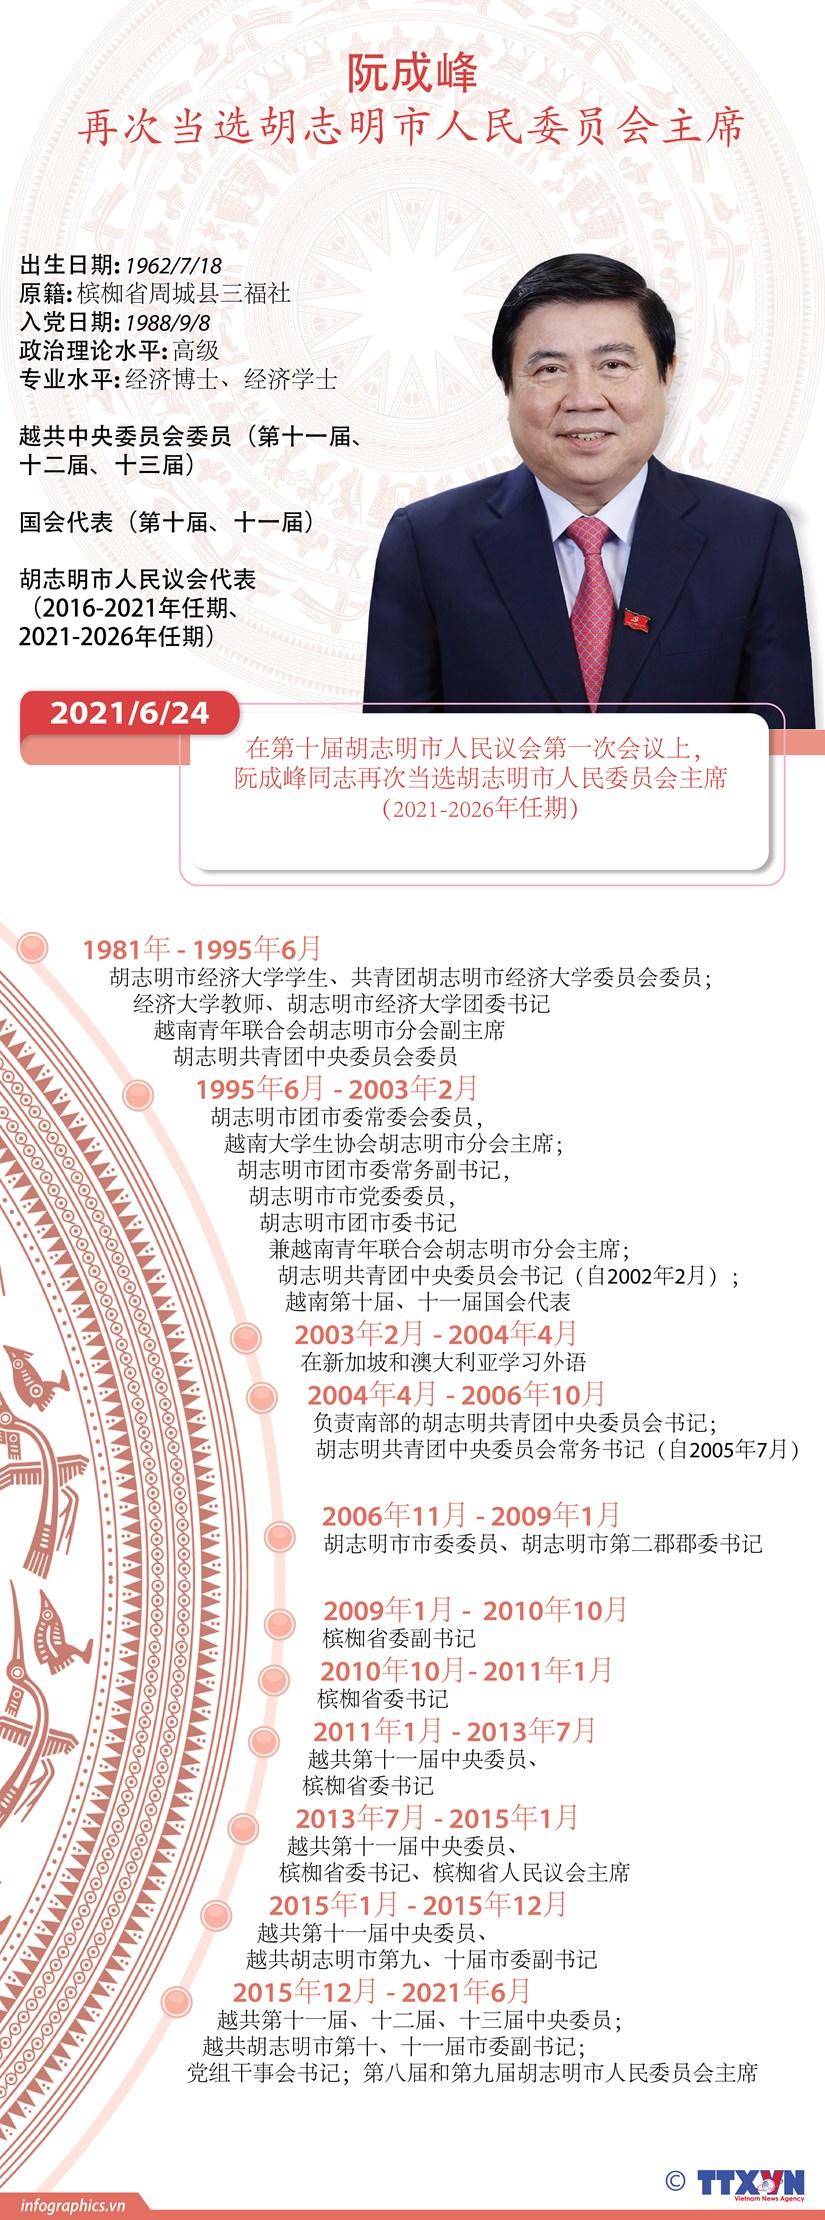 图表新闻:阮成峰再次当选胡志明市人民委员会主席 hinh anh 1